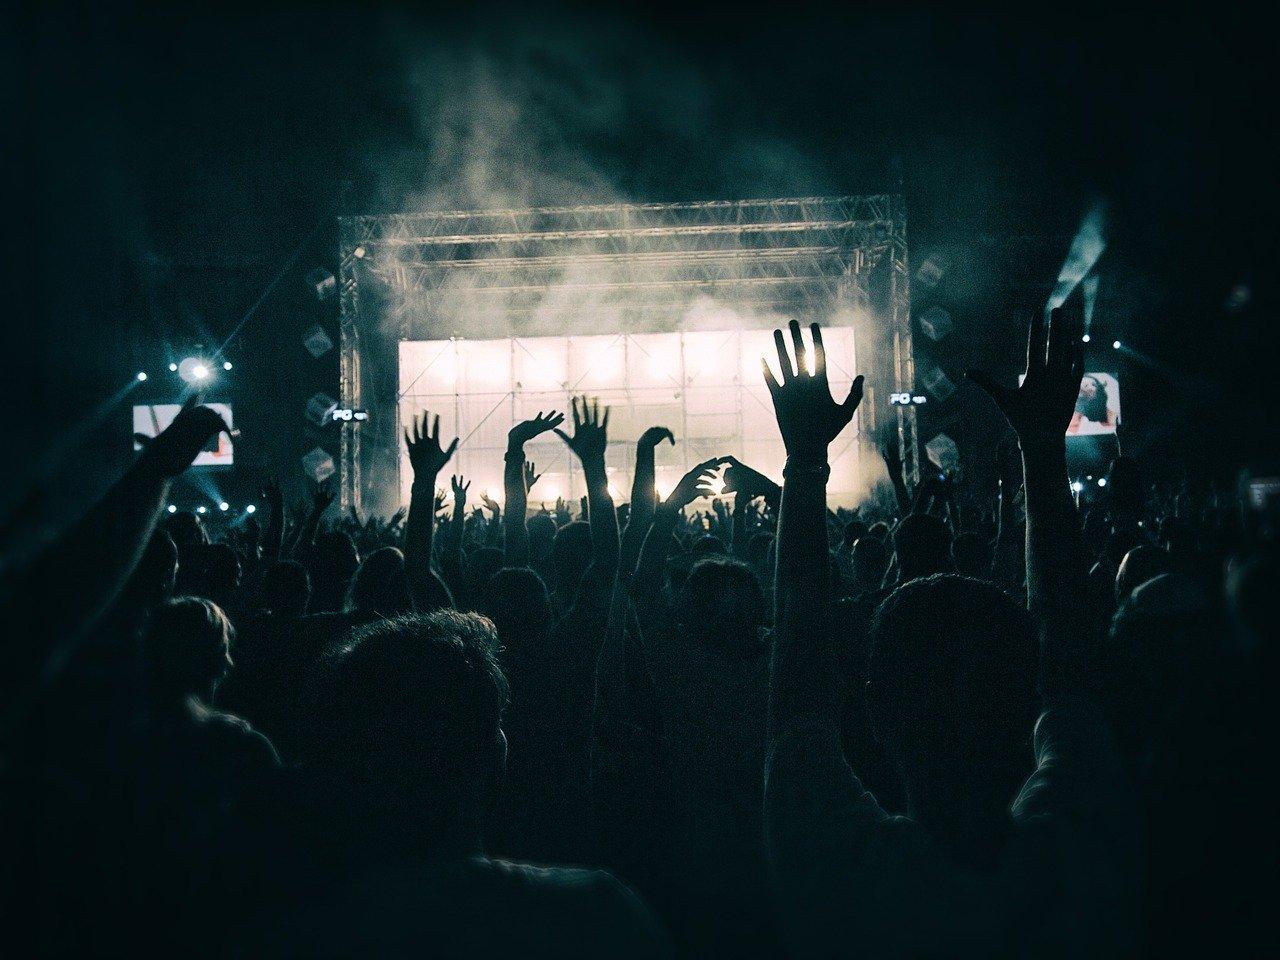 Aller de temps à autre à un concert de musique.